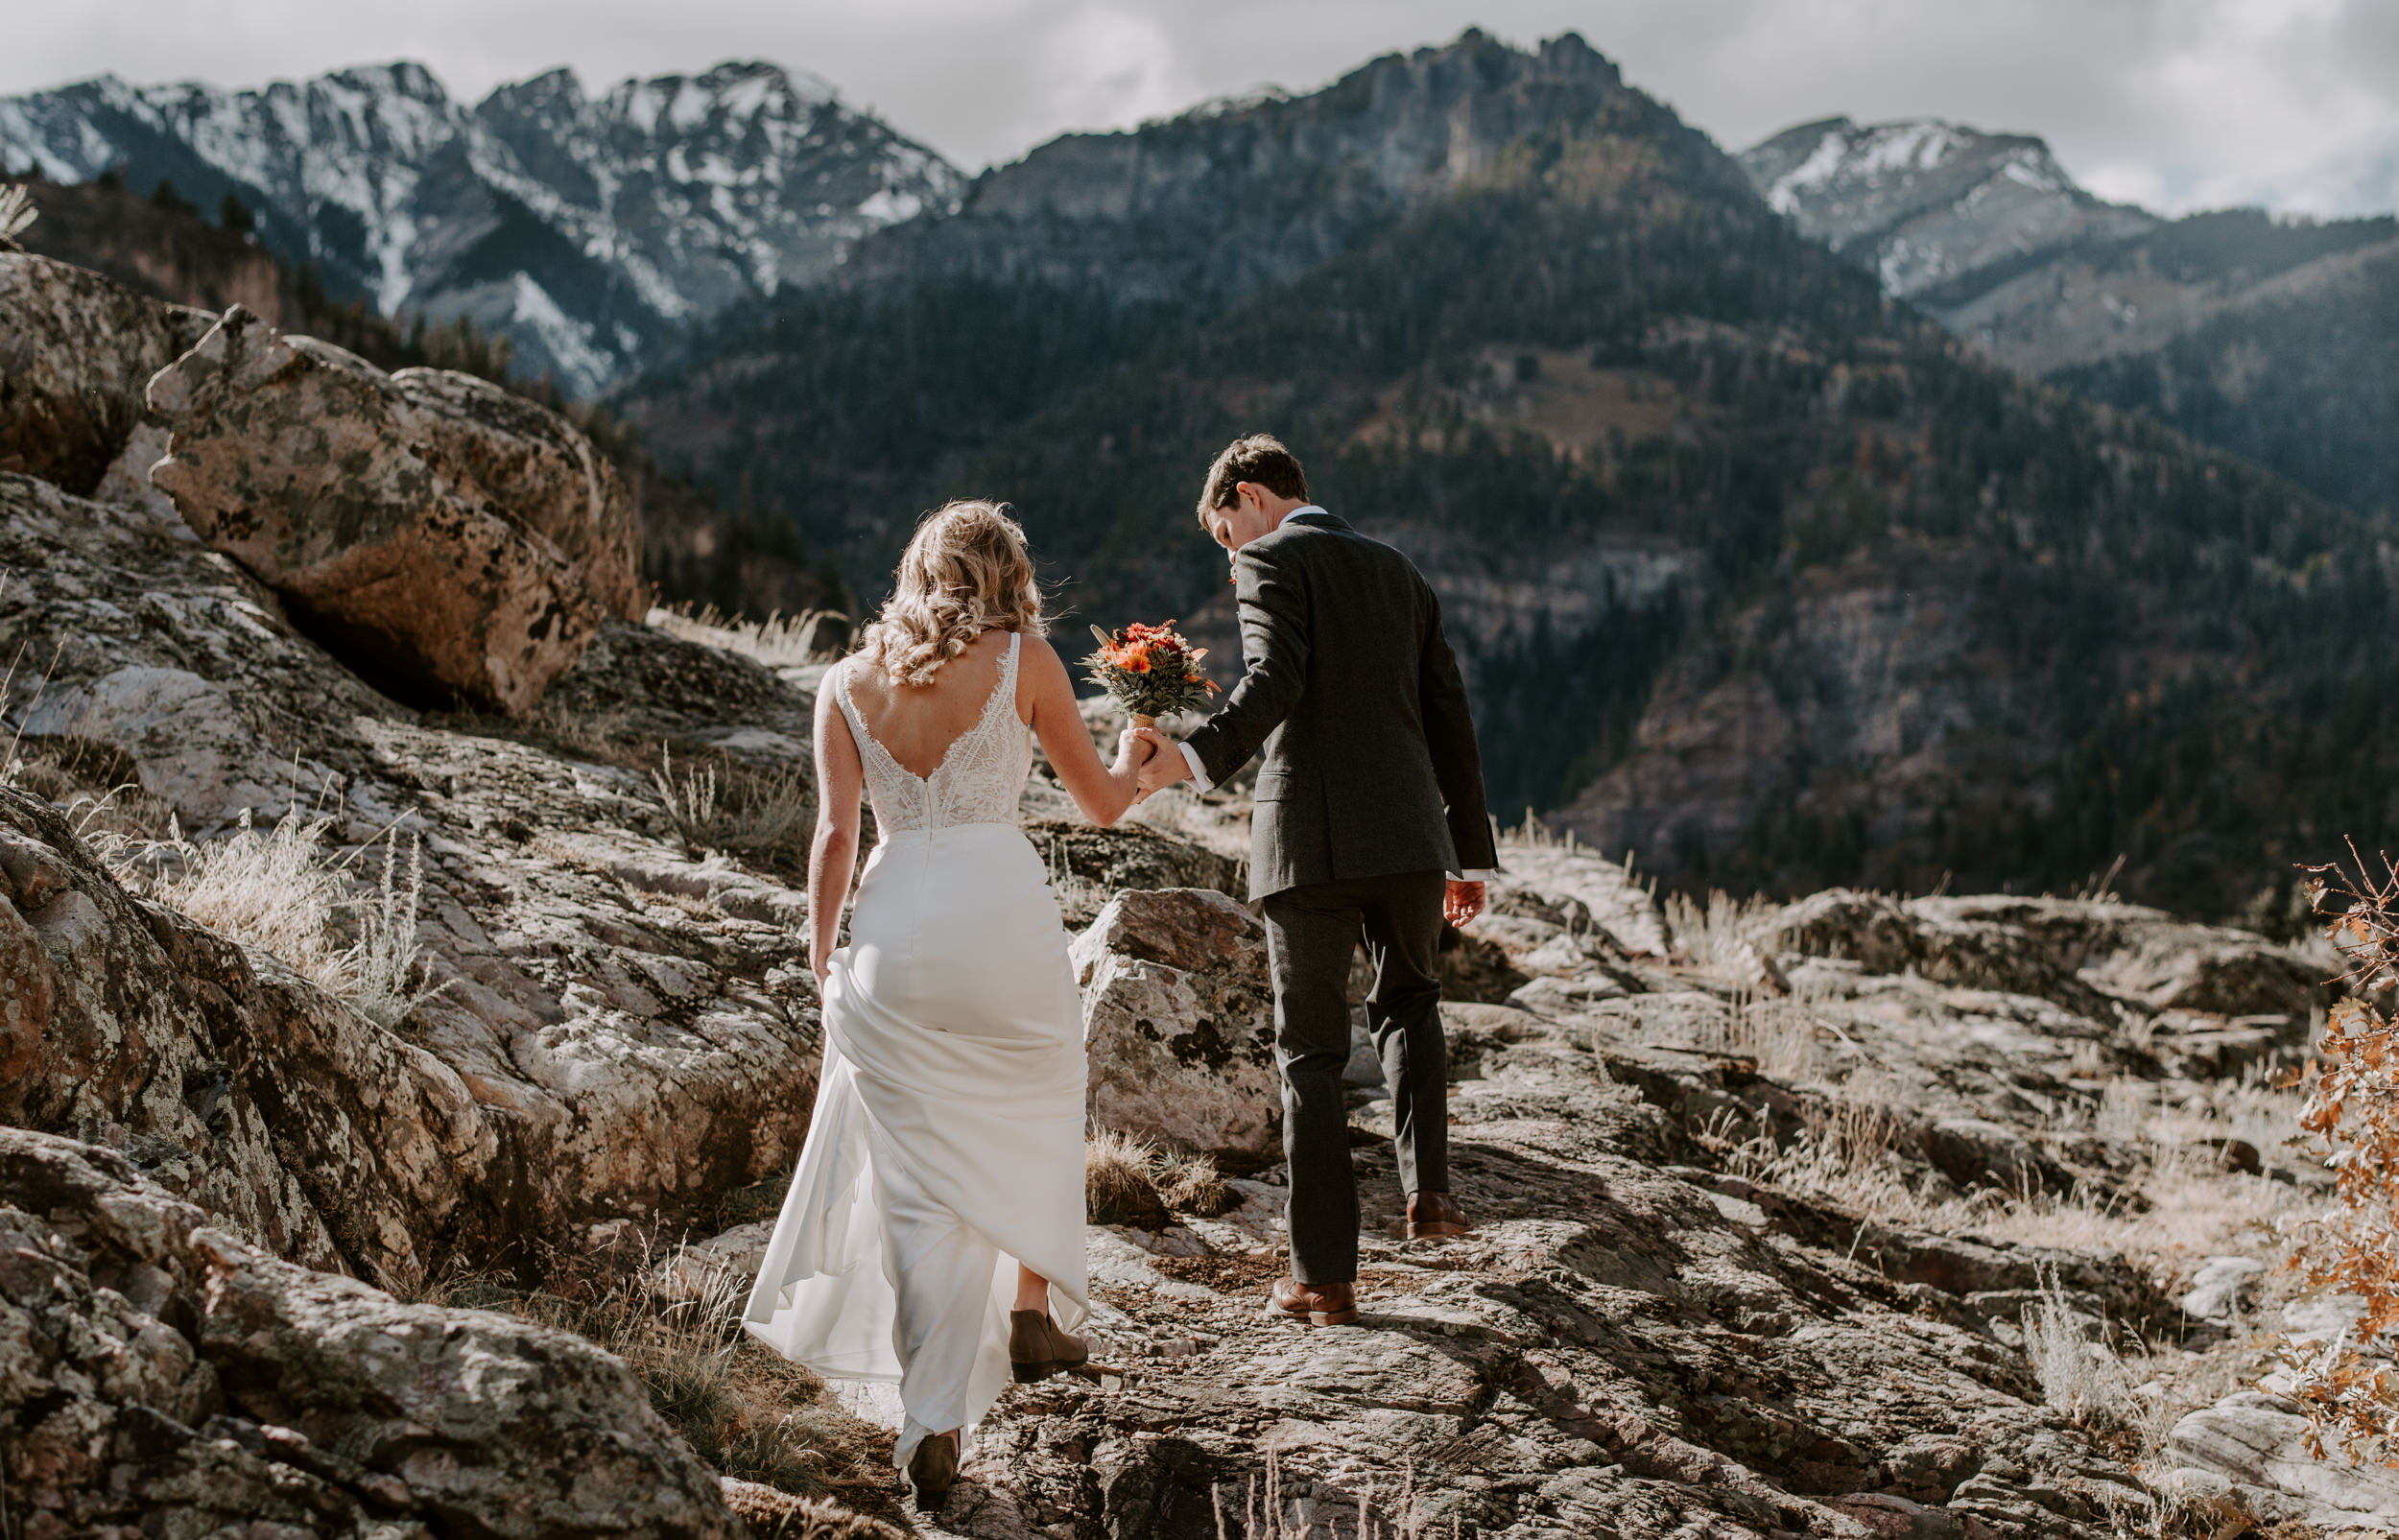 Ouray, Colorado hiking elopement. Colorado mountain wedding photographer.